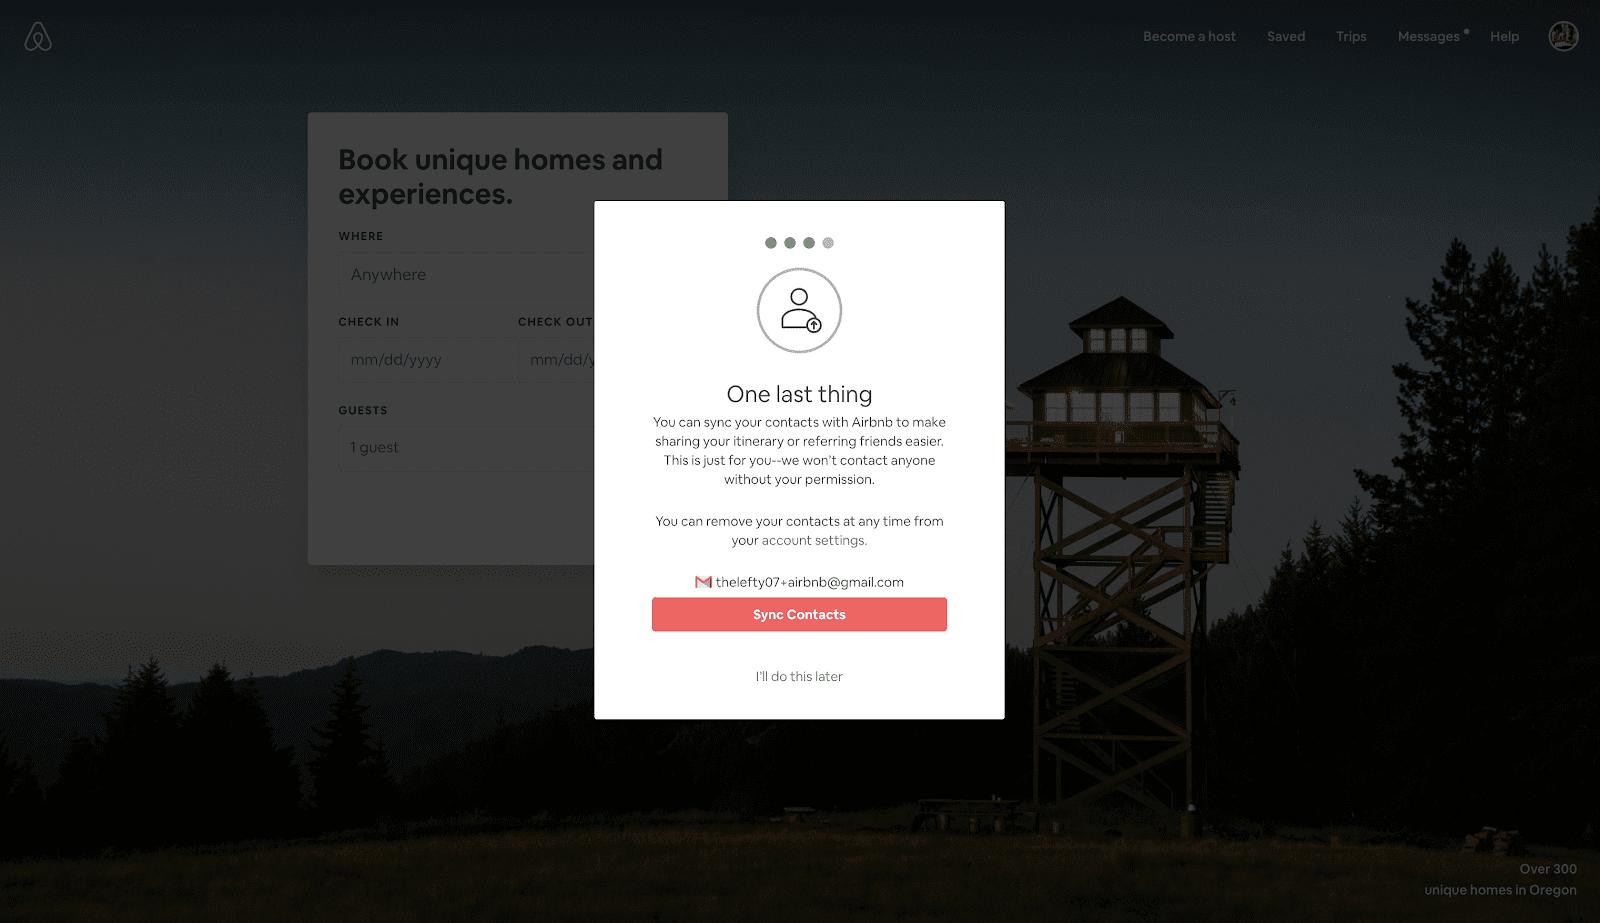 ¿Cómo funciona Airbnb?  Las respuestas a todas sus preguntas sobre la vivienda compartida